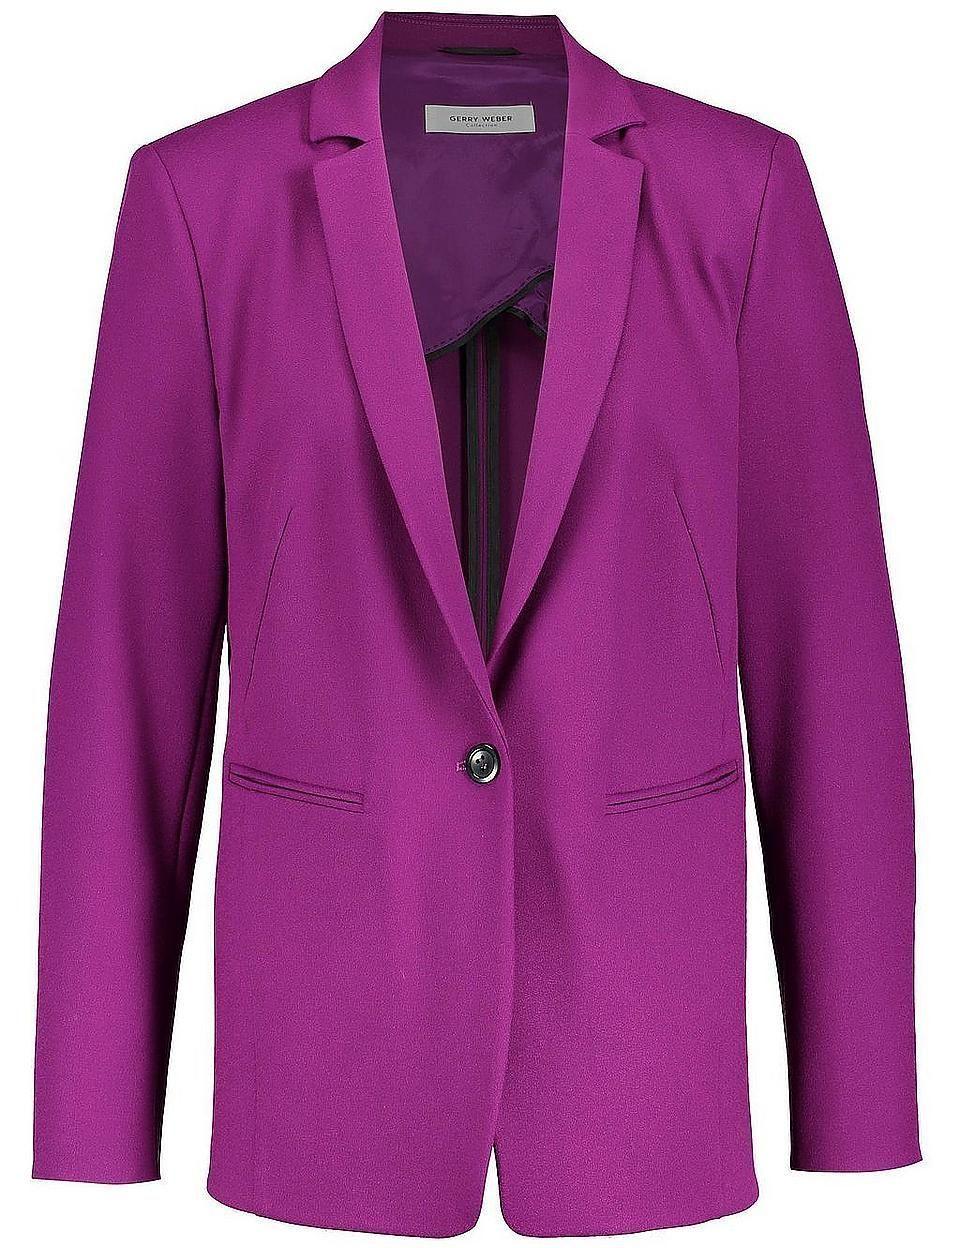 GERRY WEBER Blazer Langarm gefüttert »Blazer Purple« für Damen #silvesteroutfitdamen GERRY WEBER Blazer Langarm gefüttert »Blazer Purple« Entdecke tolle Ideen für dein Silvester Outfit für die Party des Jahres! An der Silvesterparty ist besonders das Party-Outfit für Frauen ein angesagtes Thema: wir haben für dich tolle Kleidung für Frauen, die dein Silvester Outfit perfekt macht! Angesagte Mode mit Pailletten und tolle Party-Kleider für Frauen, die auf der Suche nach cooler Party-M #silvesteroutfitdamen